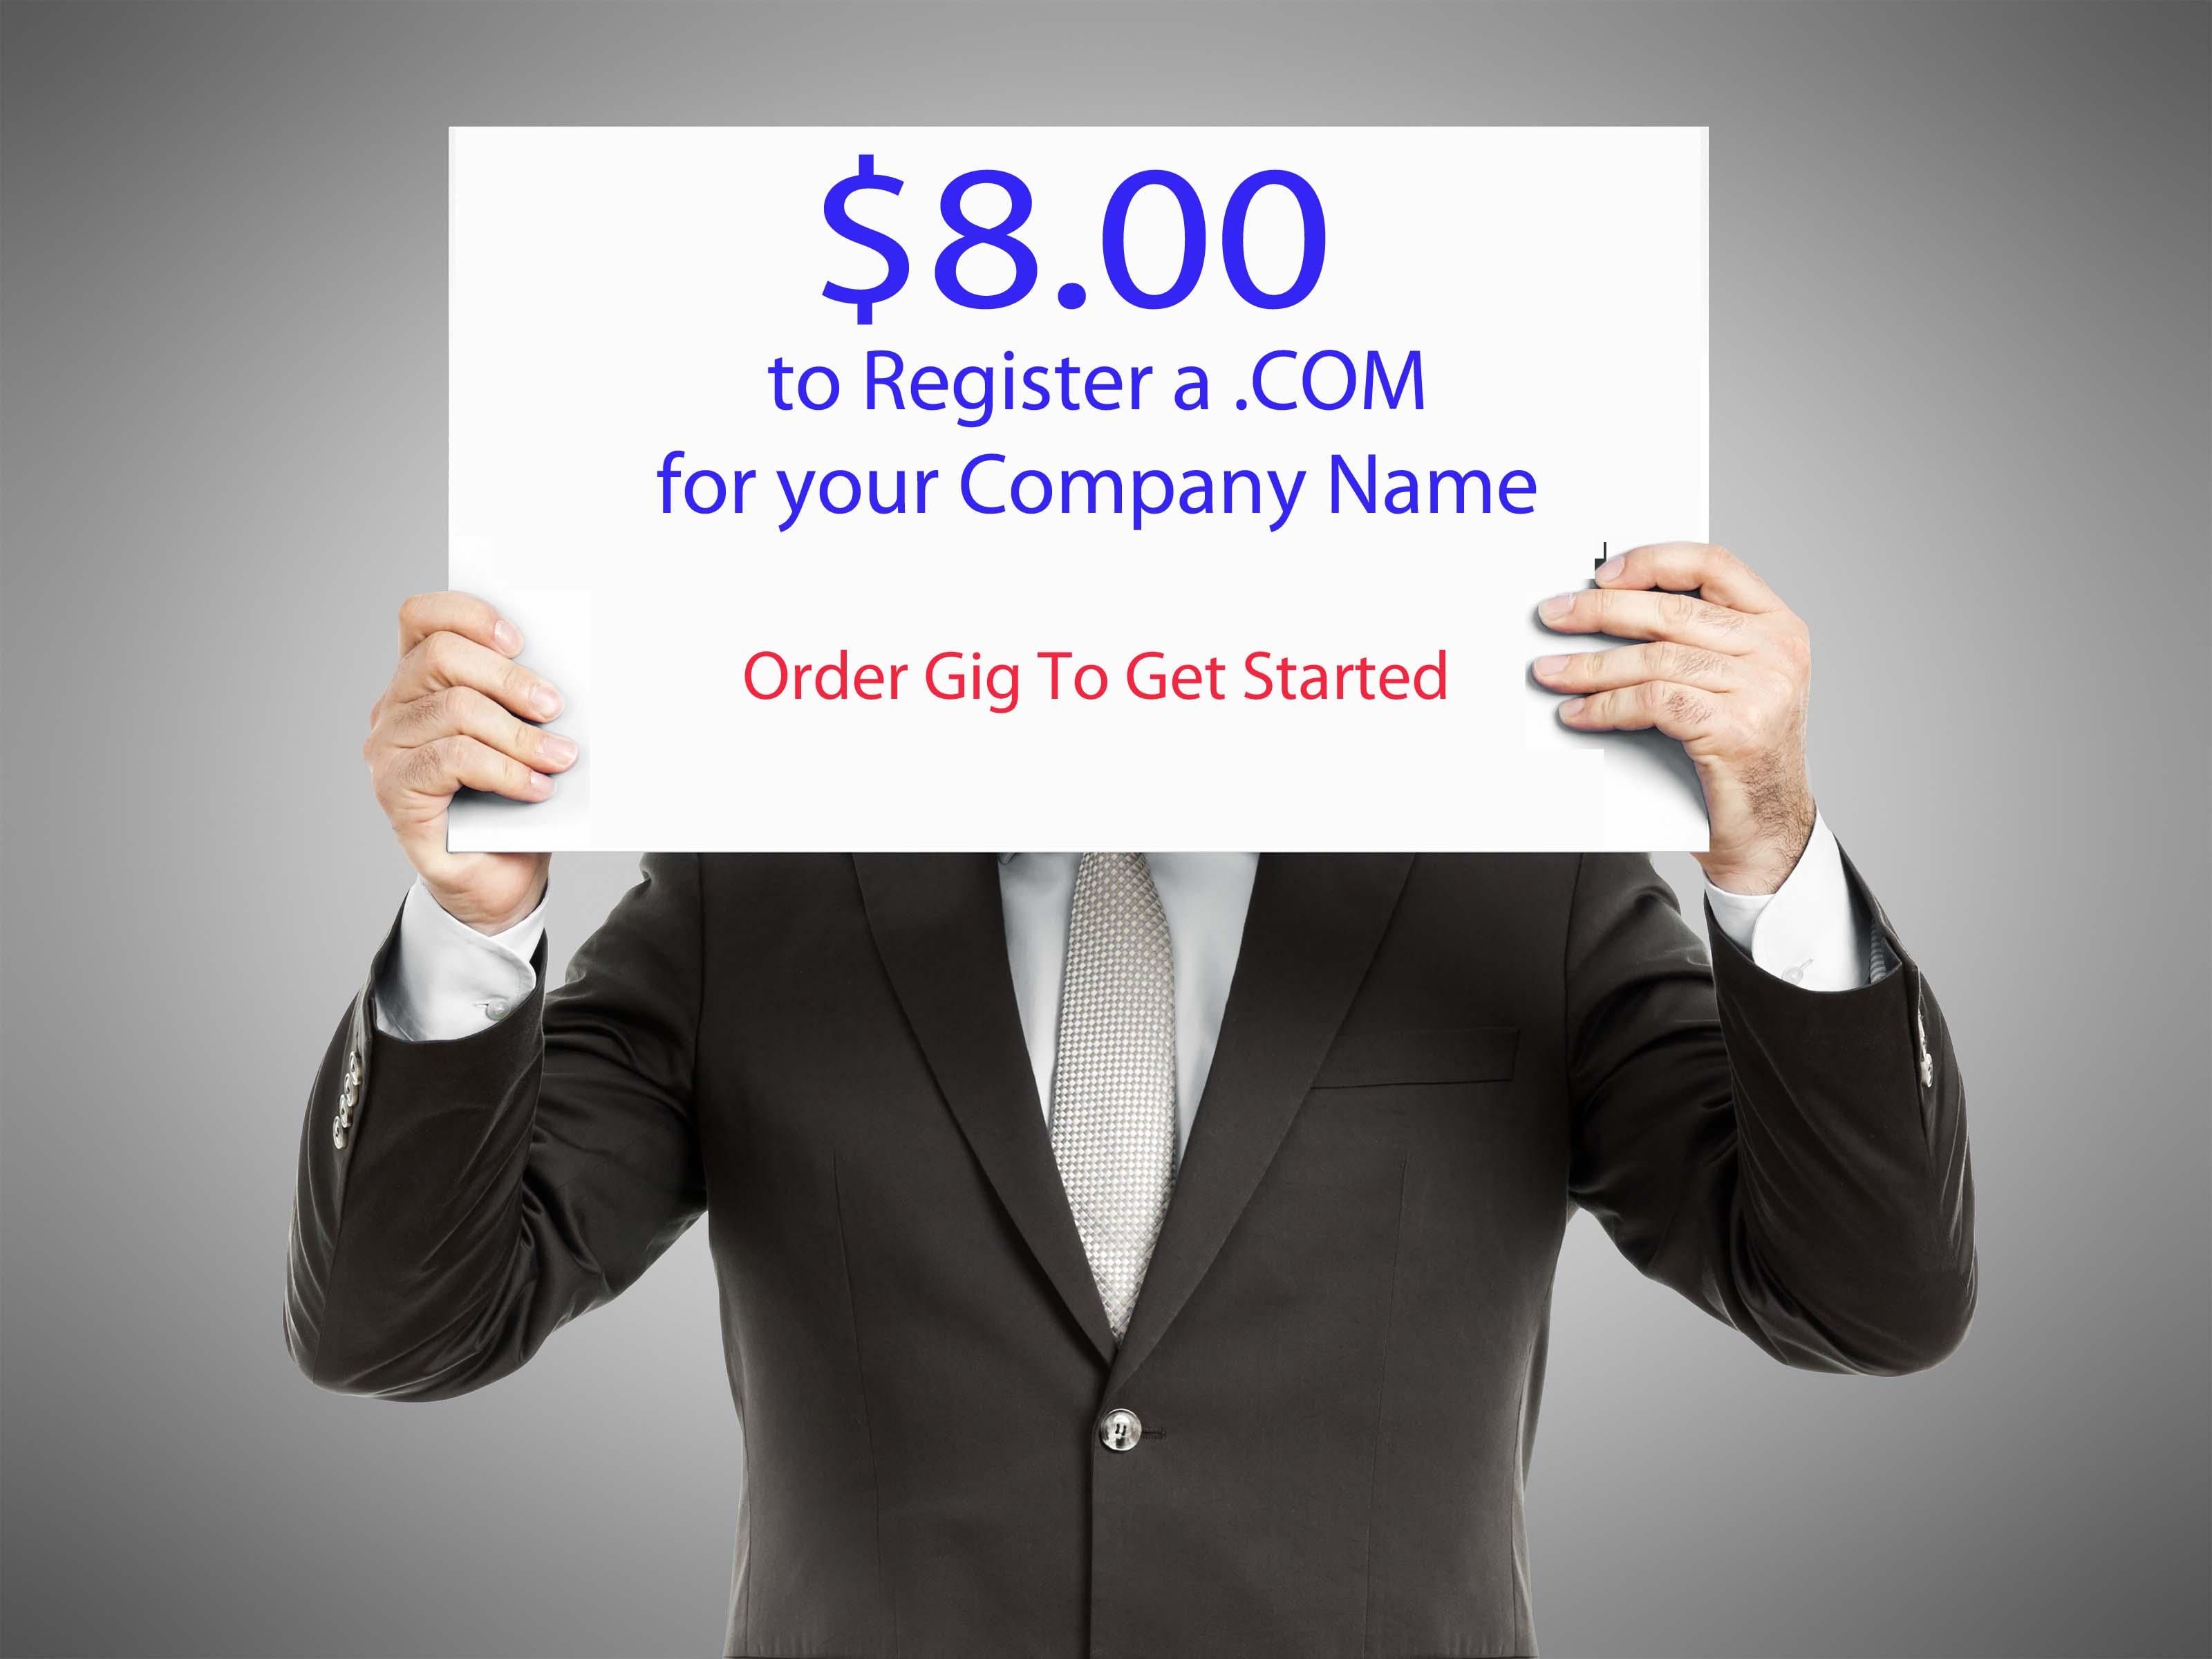 8.00. COM's - Register A. COM For Only